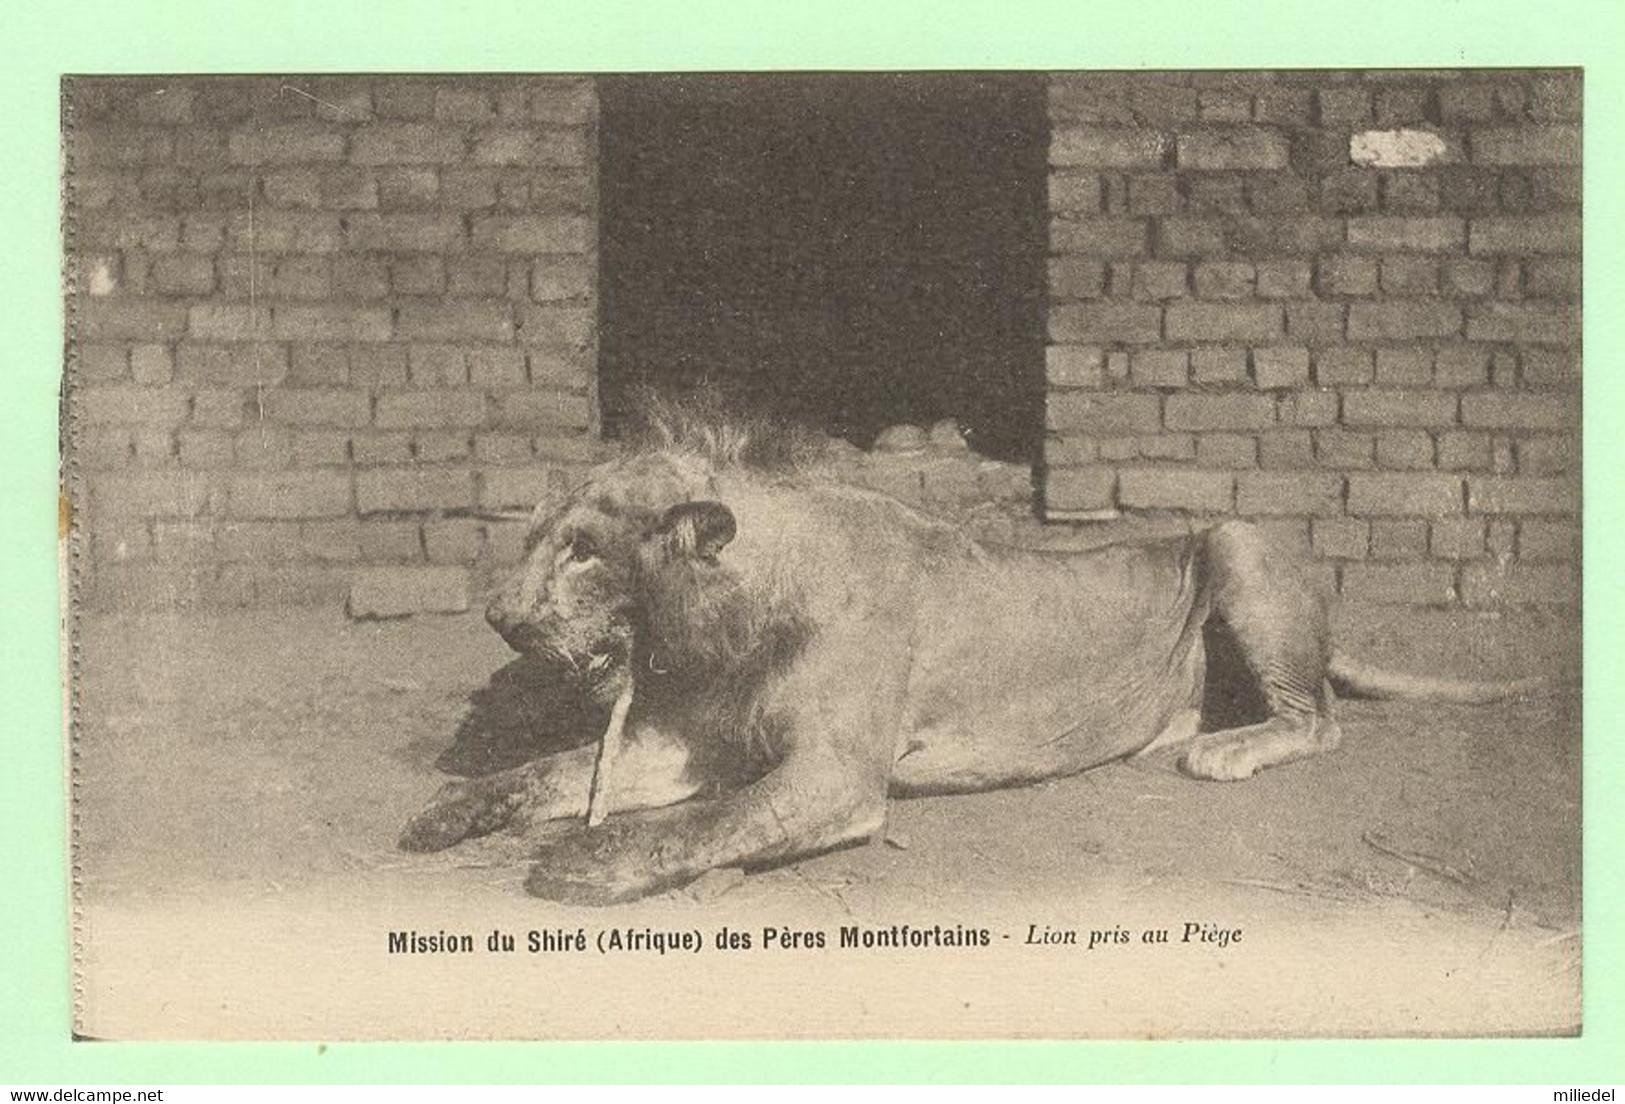 S1139 - AFRIQUE - Mission Du Shiré Des Pères Montfortains - Lions Pris Au Piège - Missions